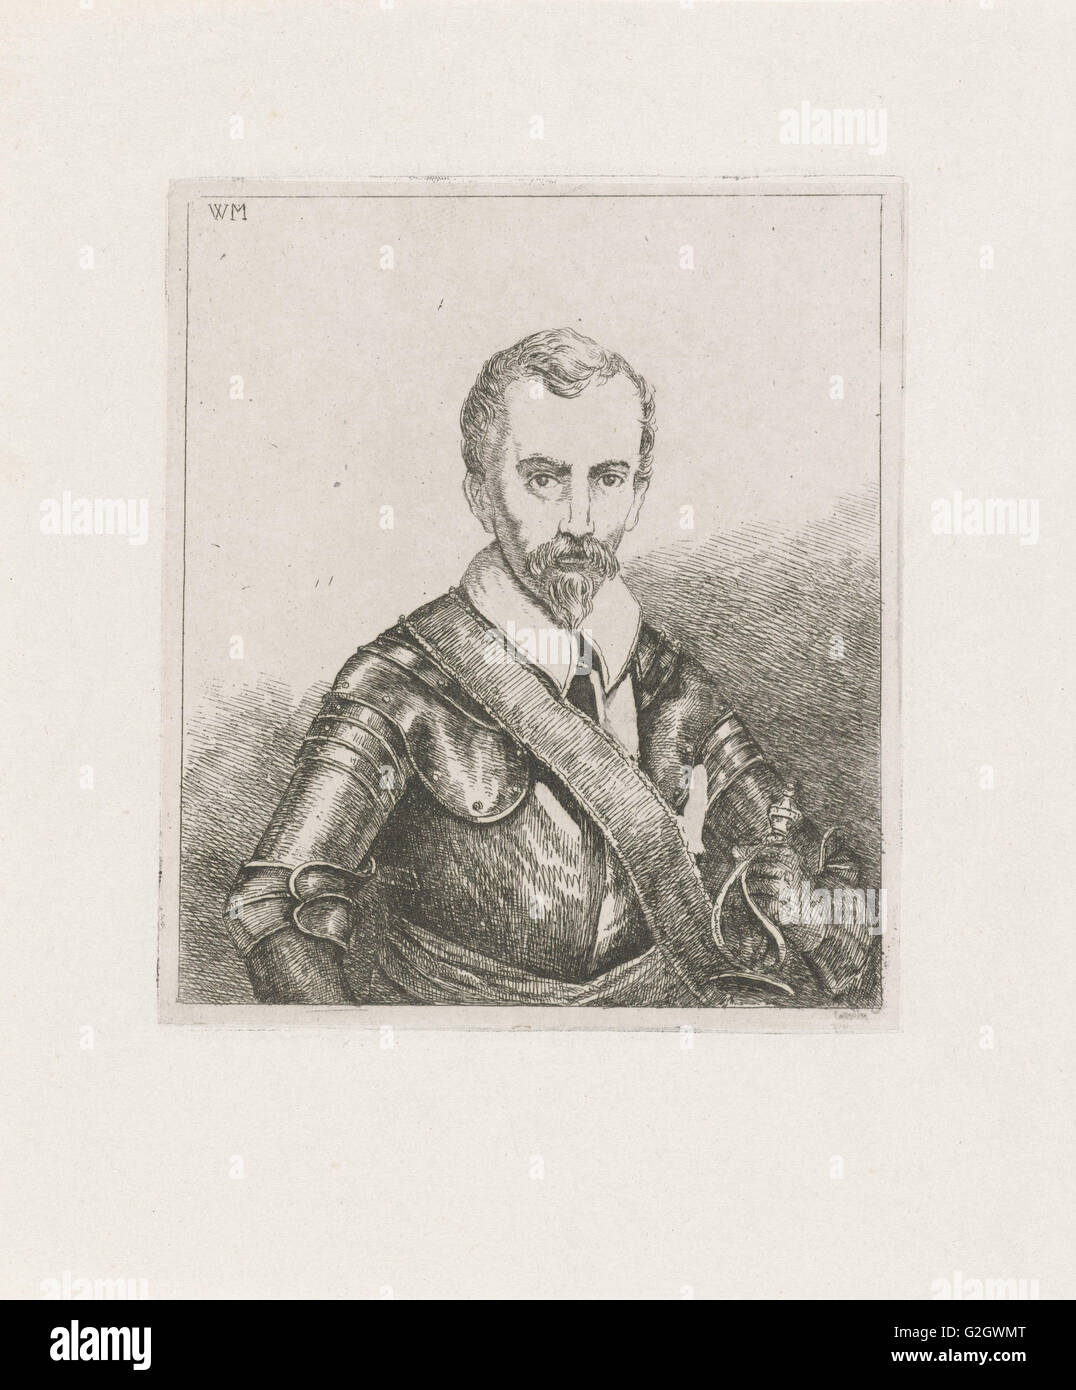 Uomo in armatura con la spada, stampa maker: Christiaan Wilhelmus Moorrees, 1811 - 1867 Immagini Stock